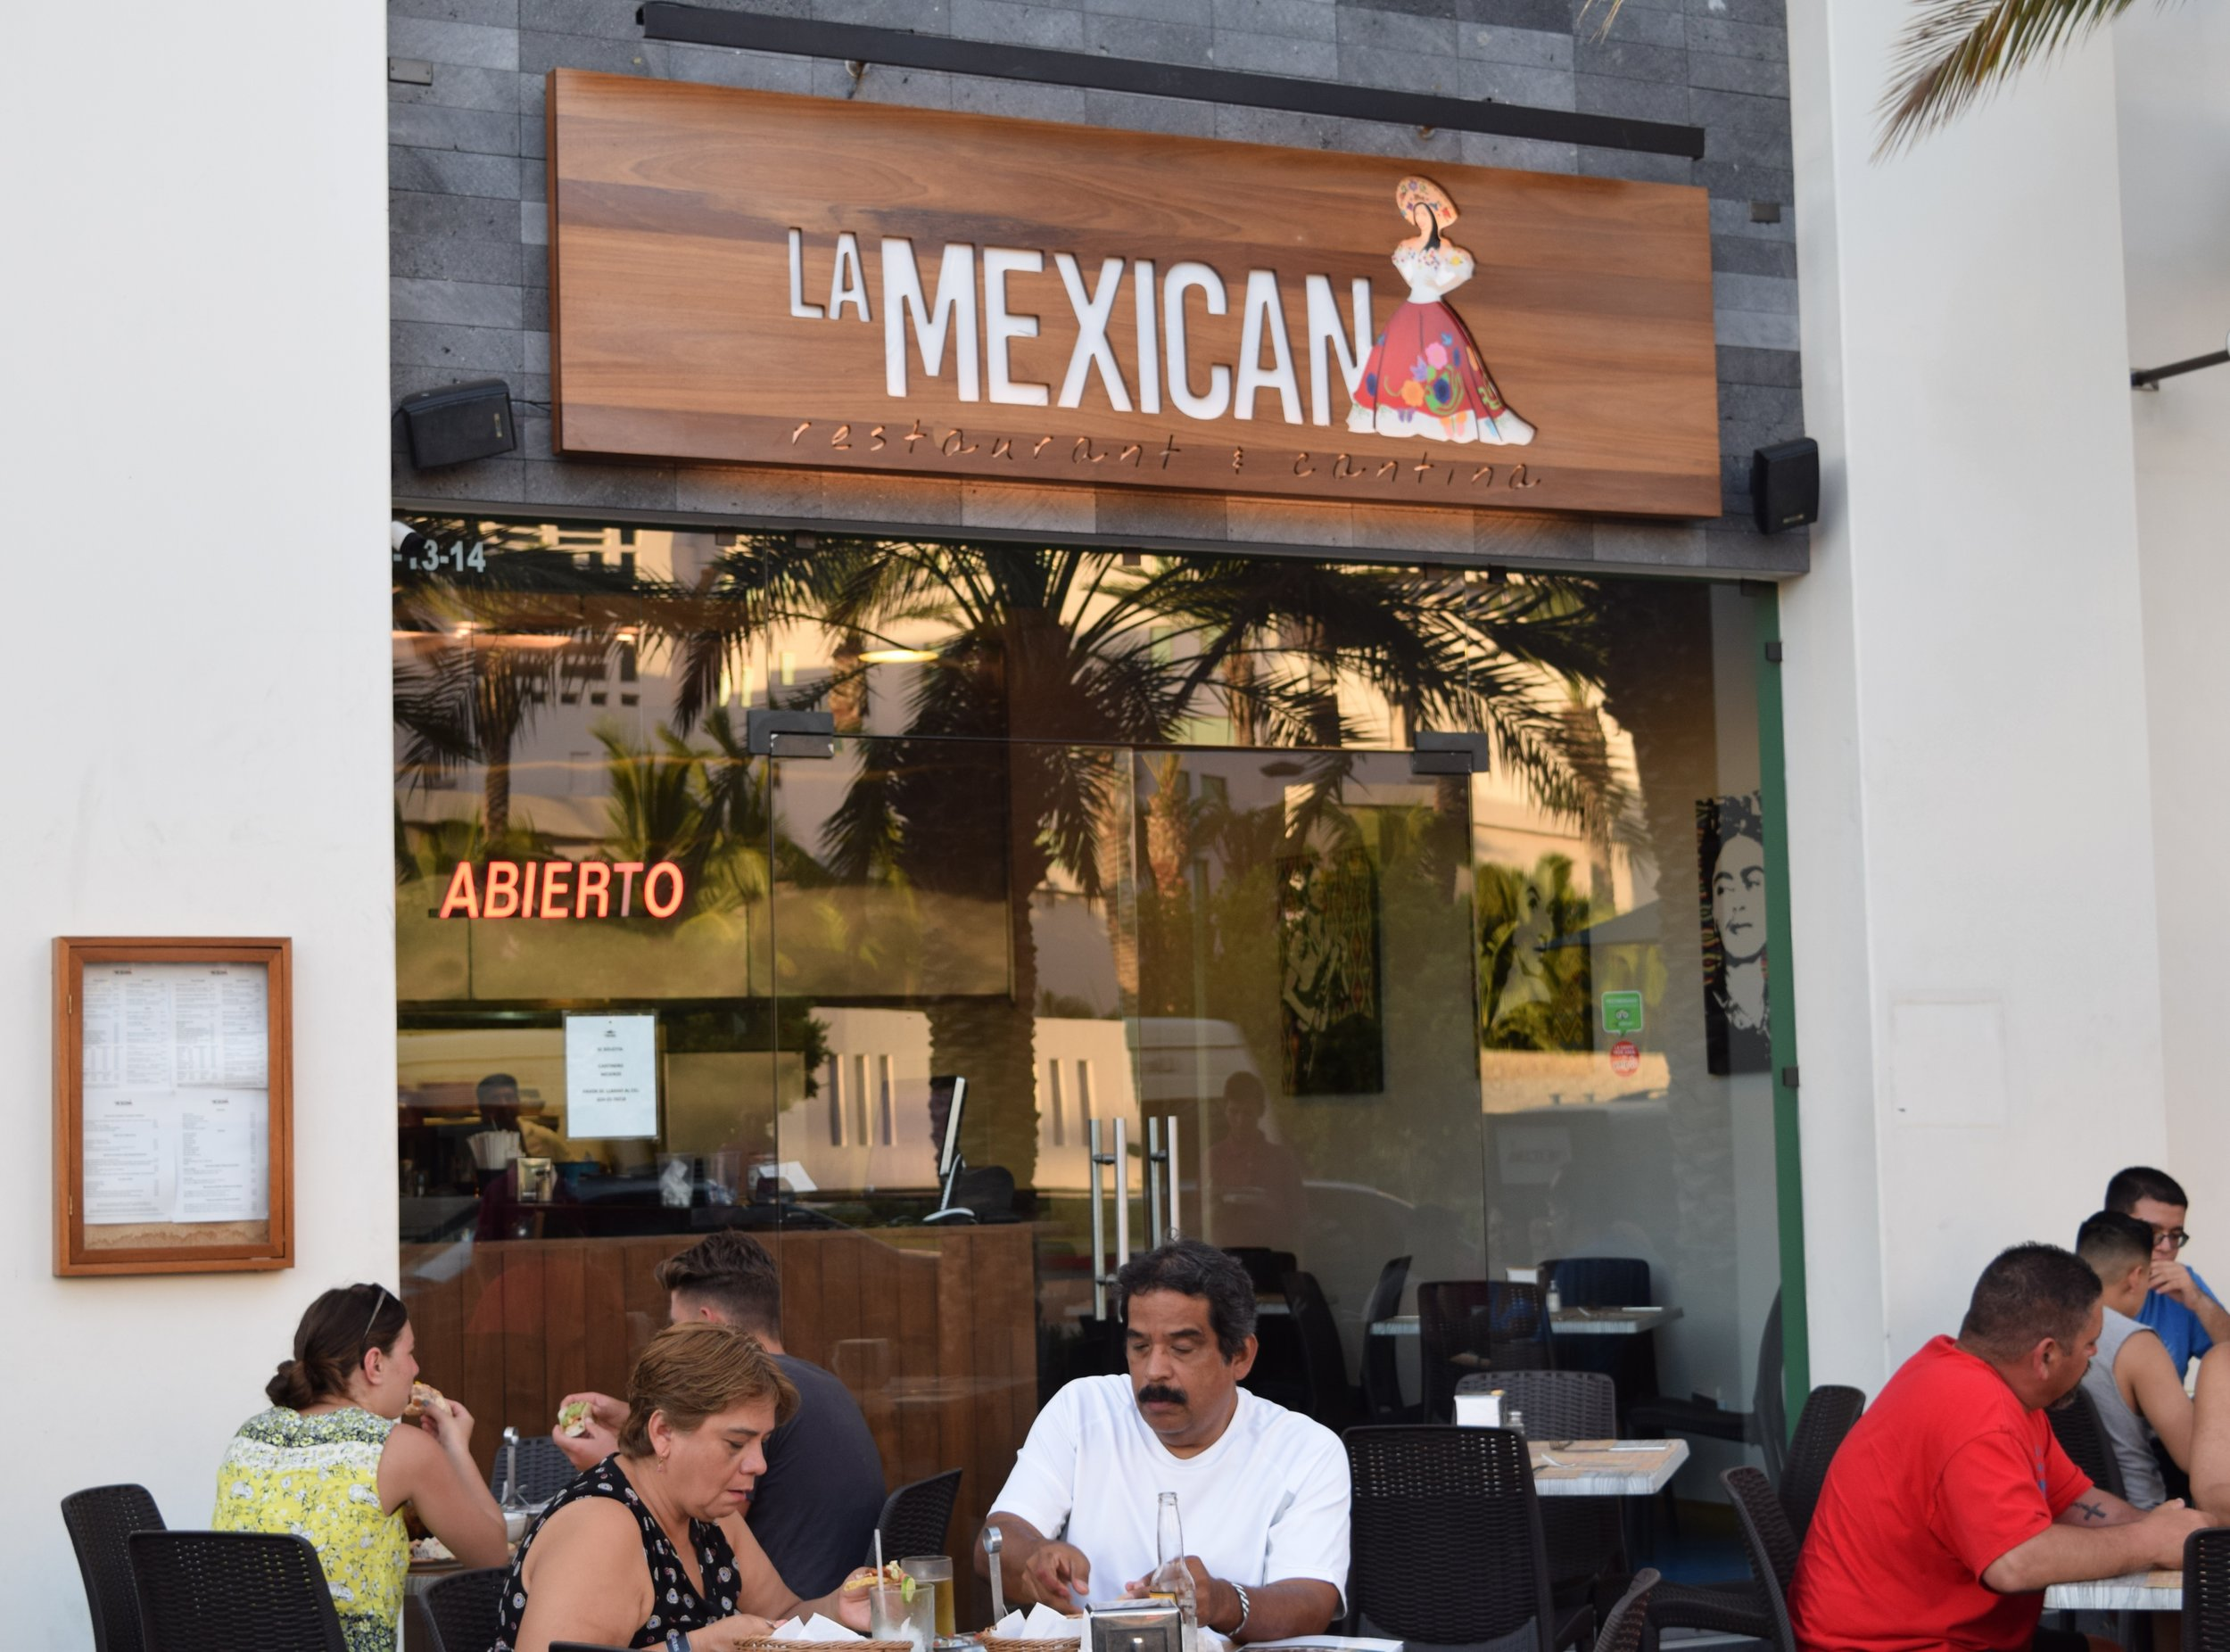 LA MEX EXTERIOR.JPG